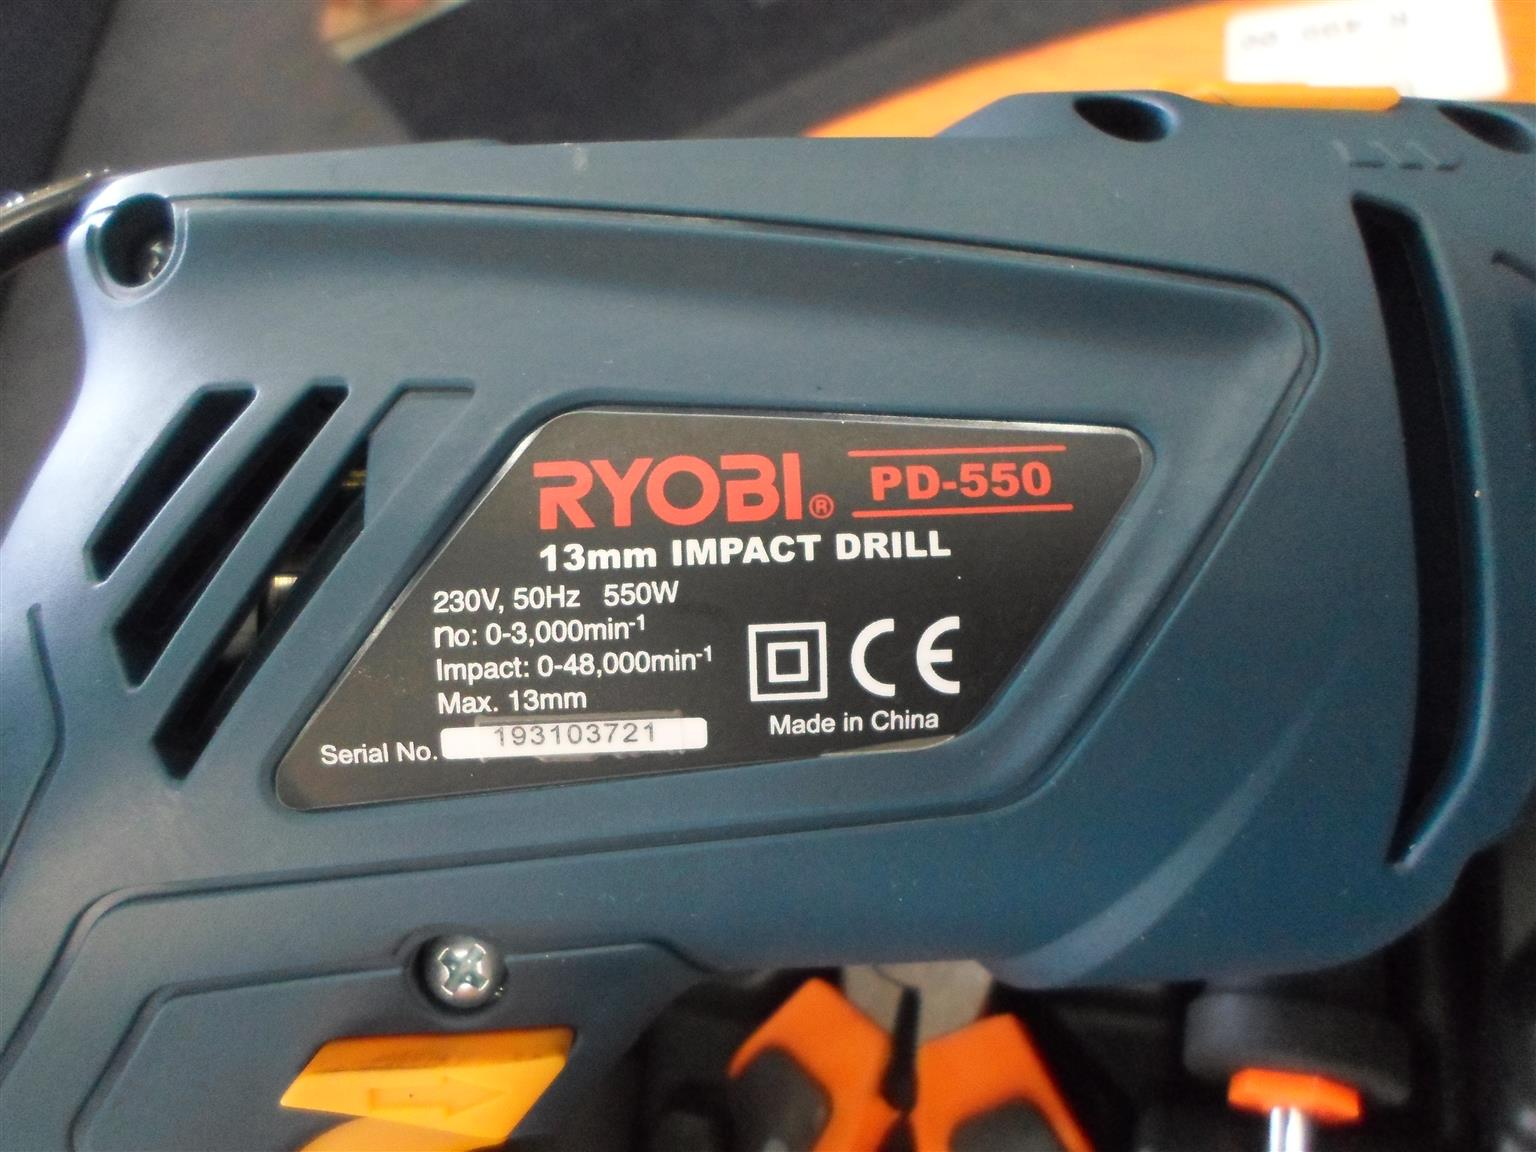 550W Ryobi PD-550 Drill + Accessories